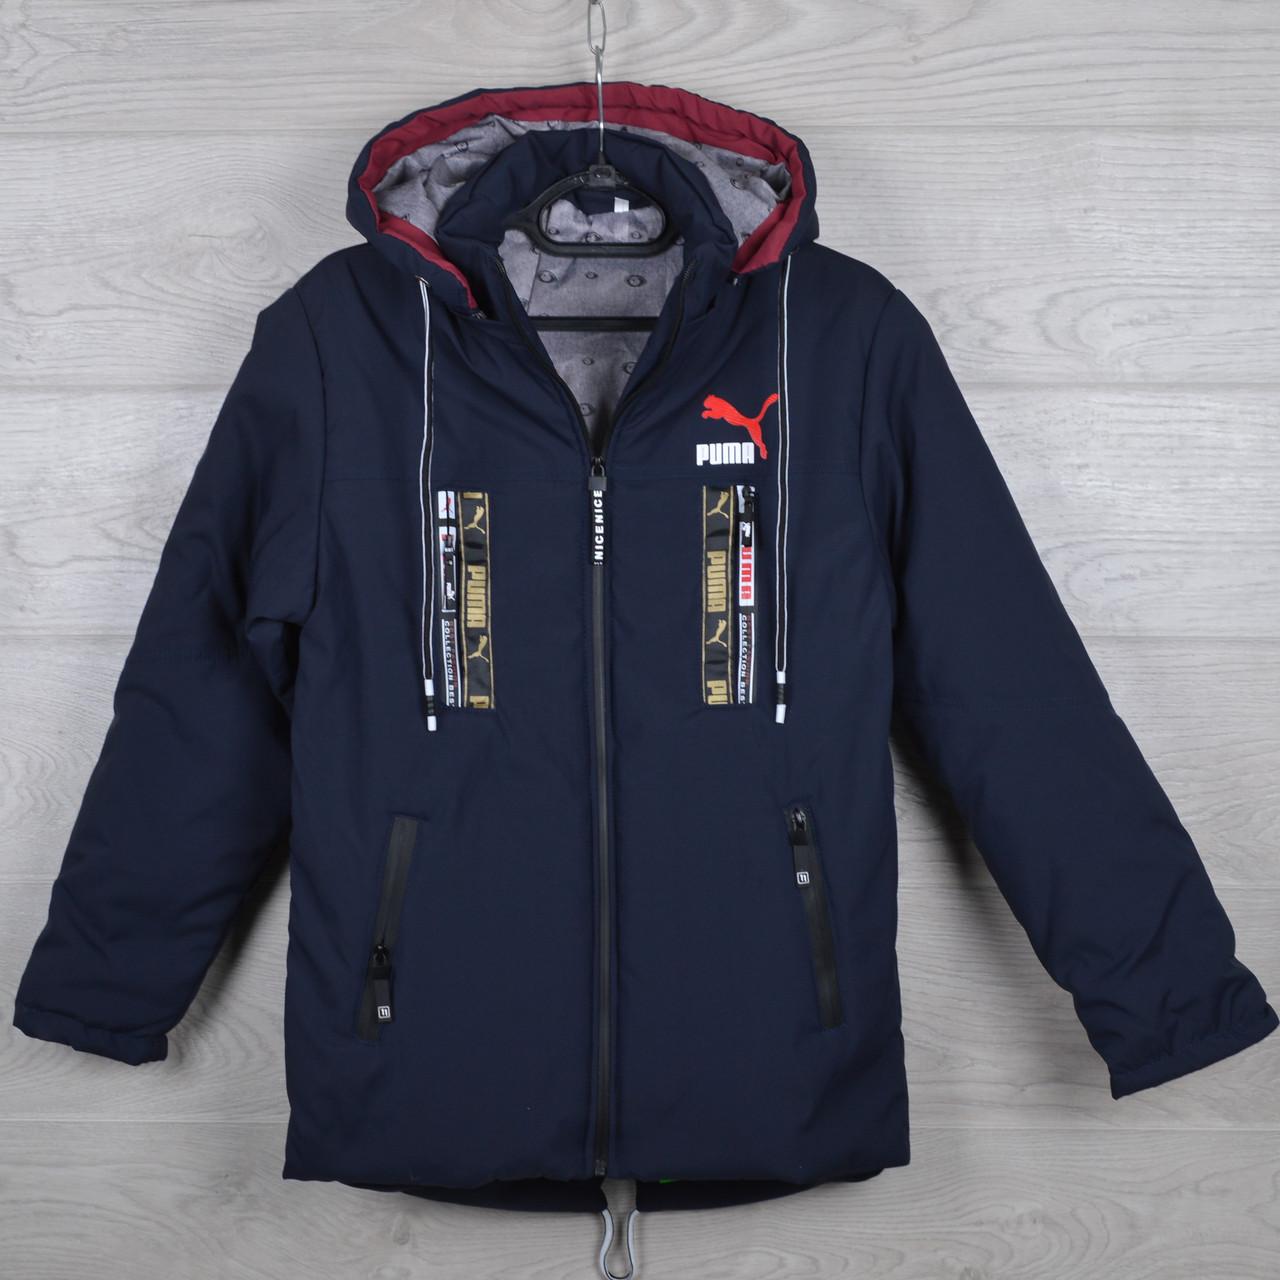 """Куртка подростковая демисезонная """"Puma"""" 10-11-12-13-14 лет (140-164 см). Темно-синяя. Оптом."""